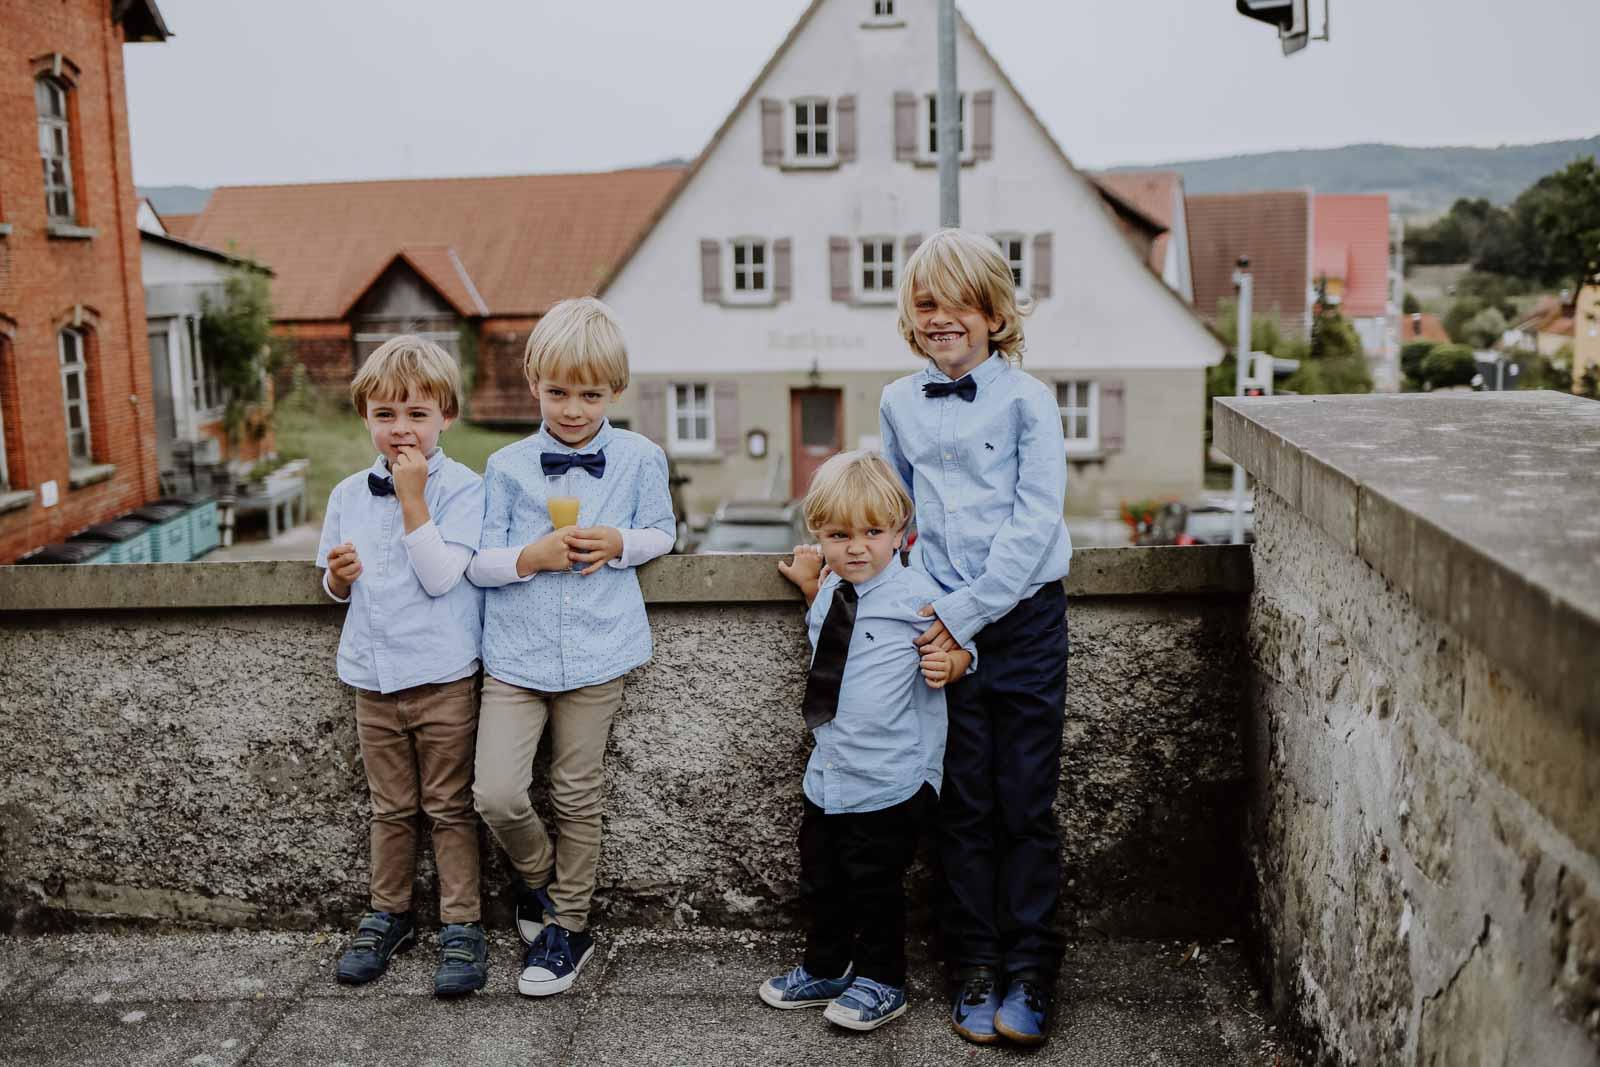 Kinder in blauen Hemden und Fliege